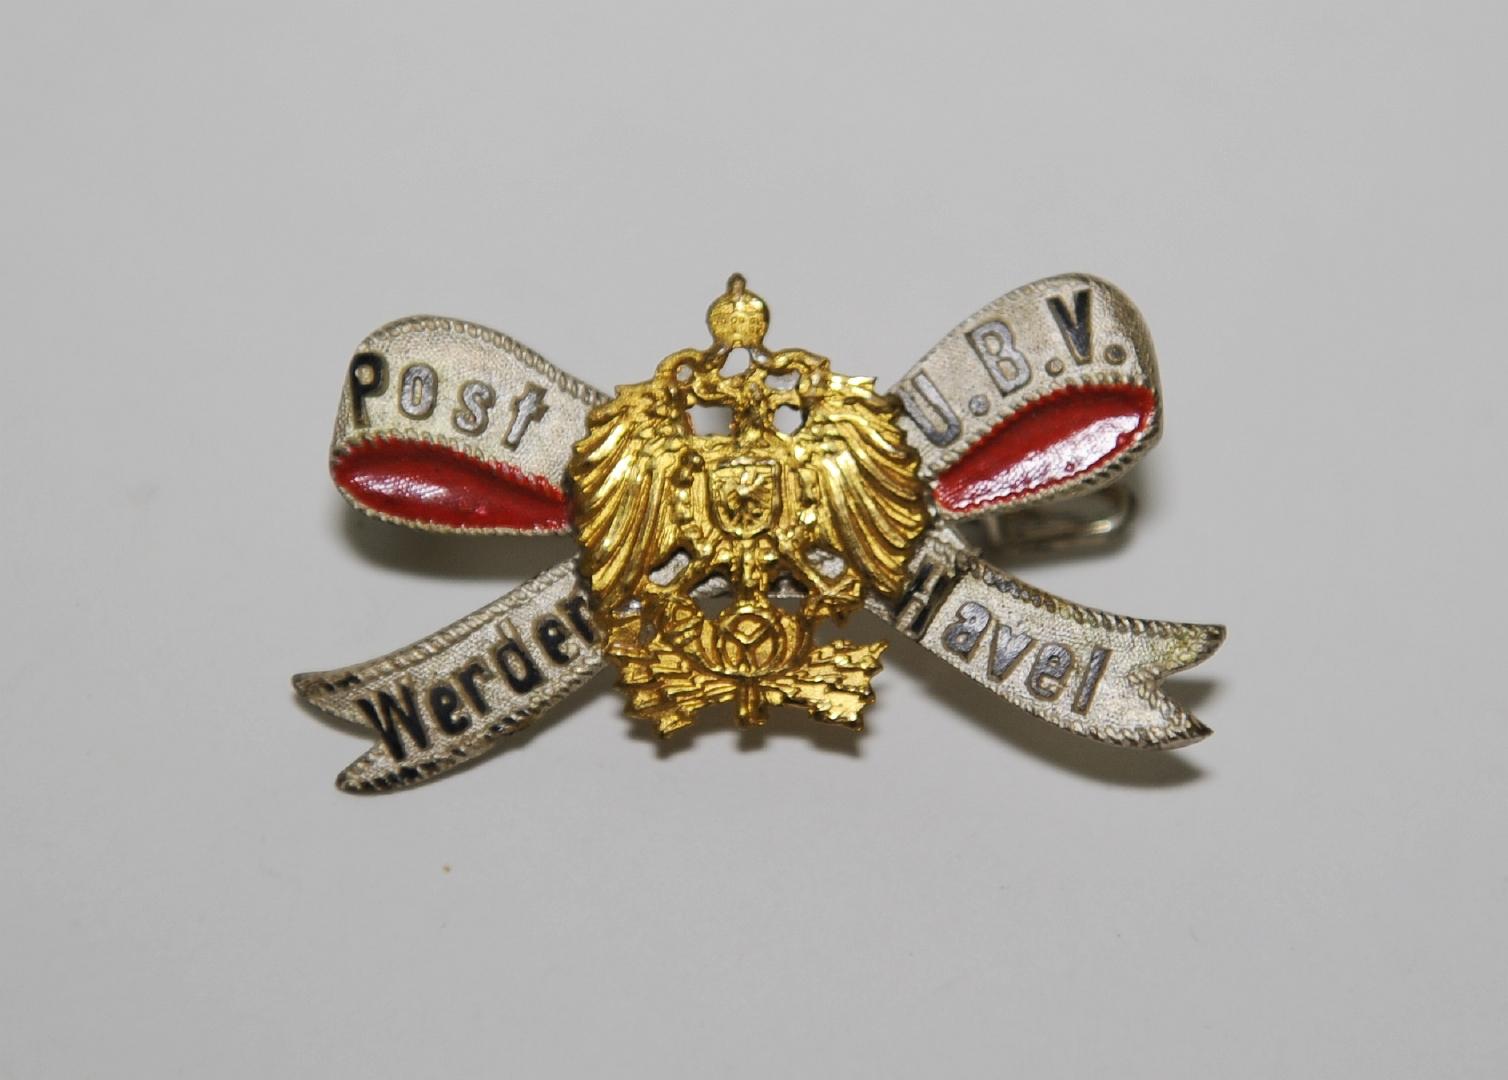 Anstecknadel des Postunterbeamtenvereins Werder/Havel, 1898 bis 1918